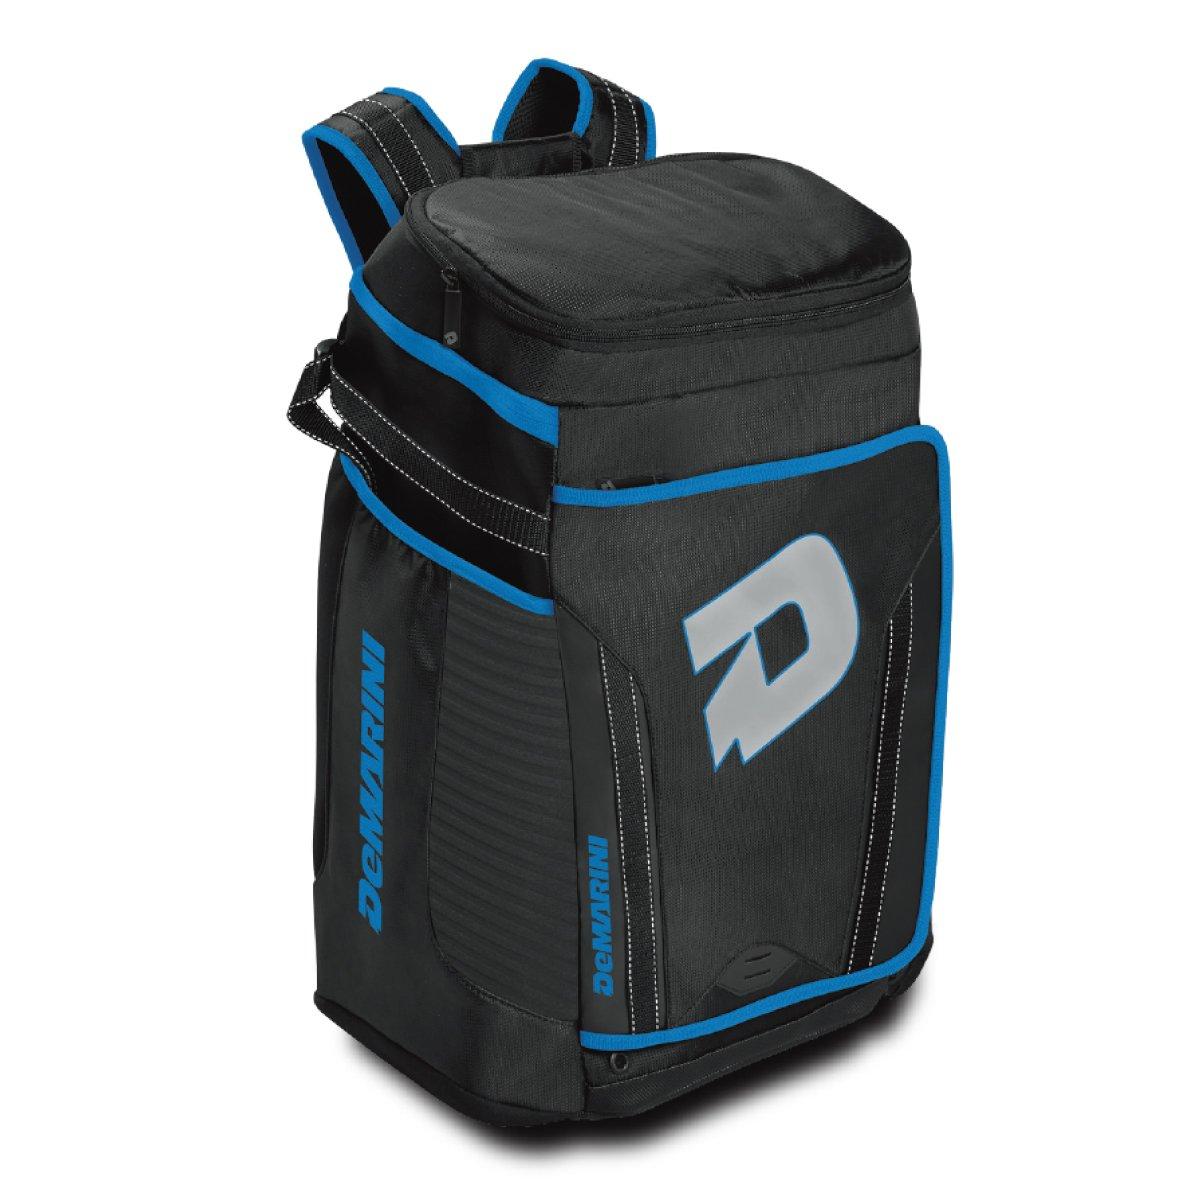 [数量限定商品]DEMARINI SPECIAL OPS バックパック B074PGQ2BG ブラック×ブルー ブラック×ブルー